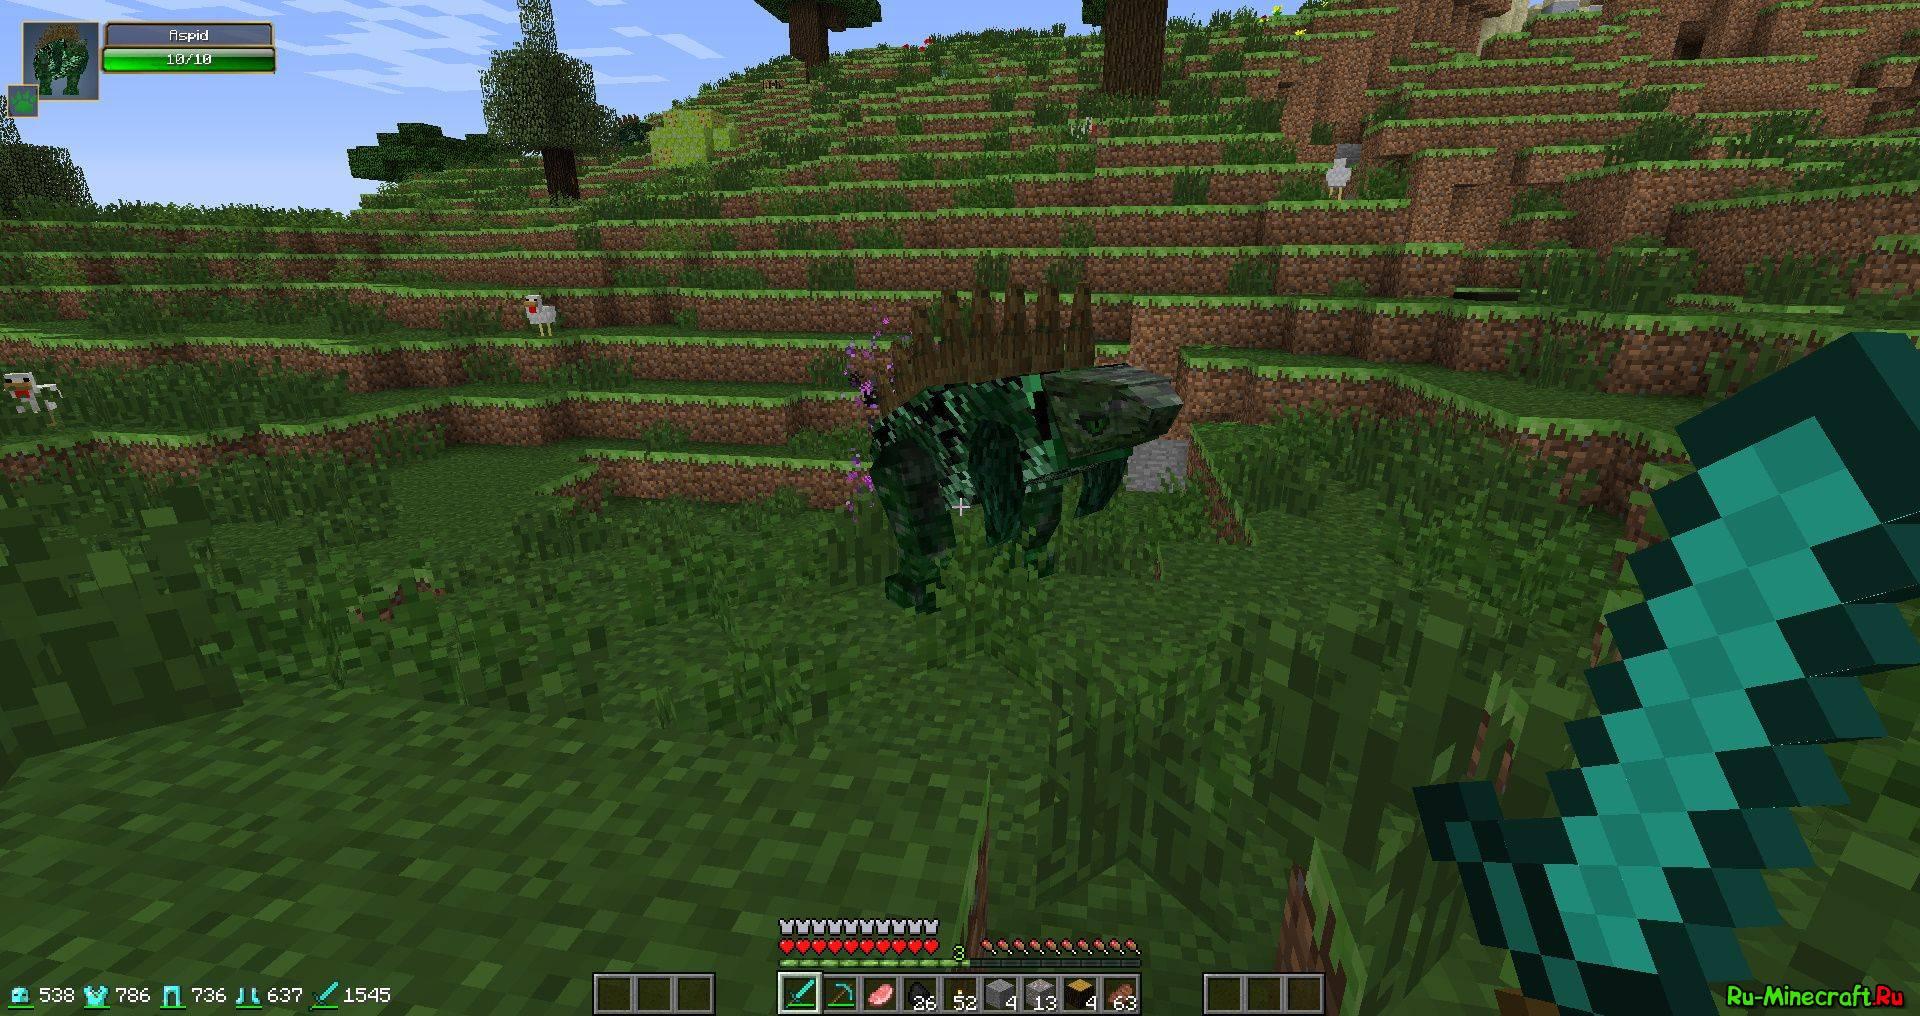 Скачать готовые сервера для minecraft 1.11.2 - 1.10.2 - 1 ...